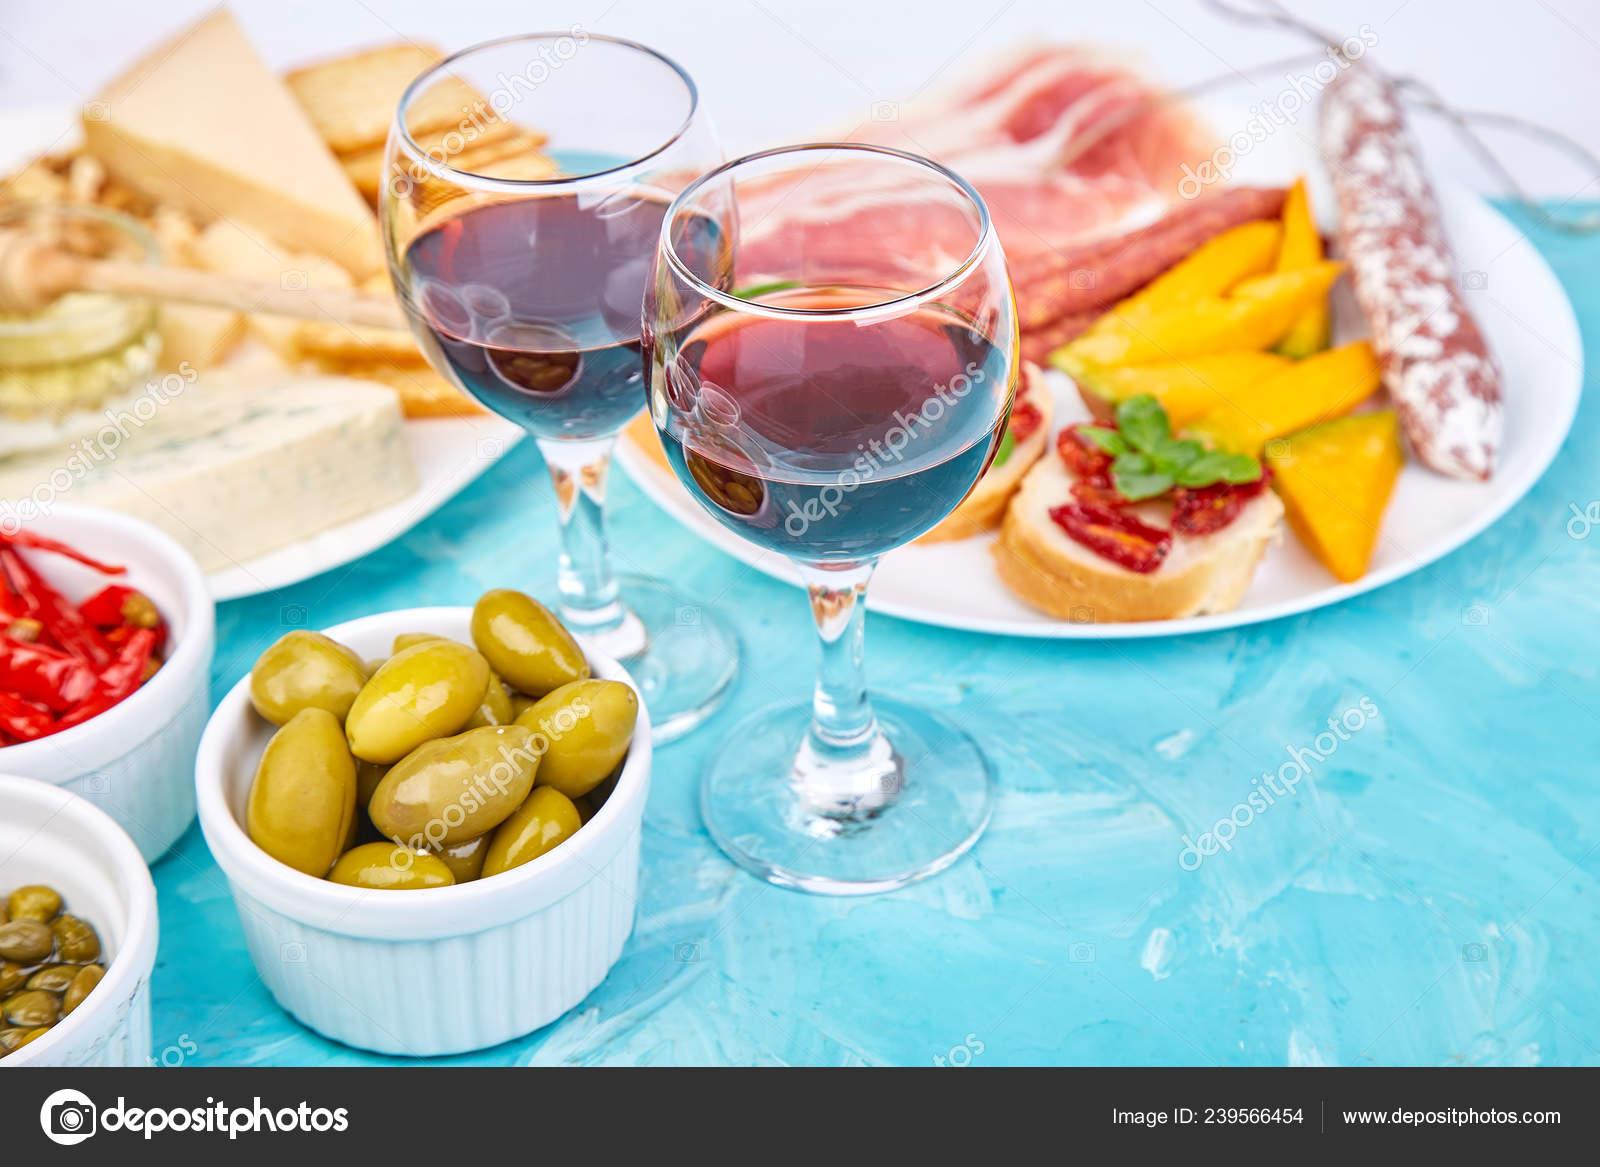 Italian Antipasti Wine Snacks Set Antipasto Catering Platter Jerky Salami Stock Photo C Bondarillia 239566454